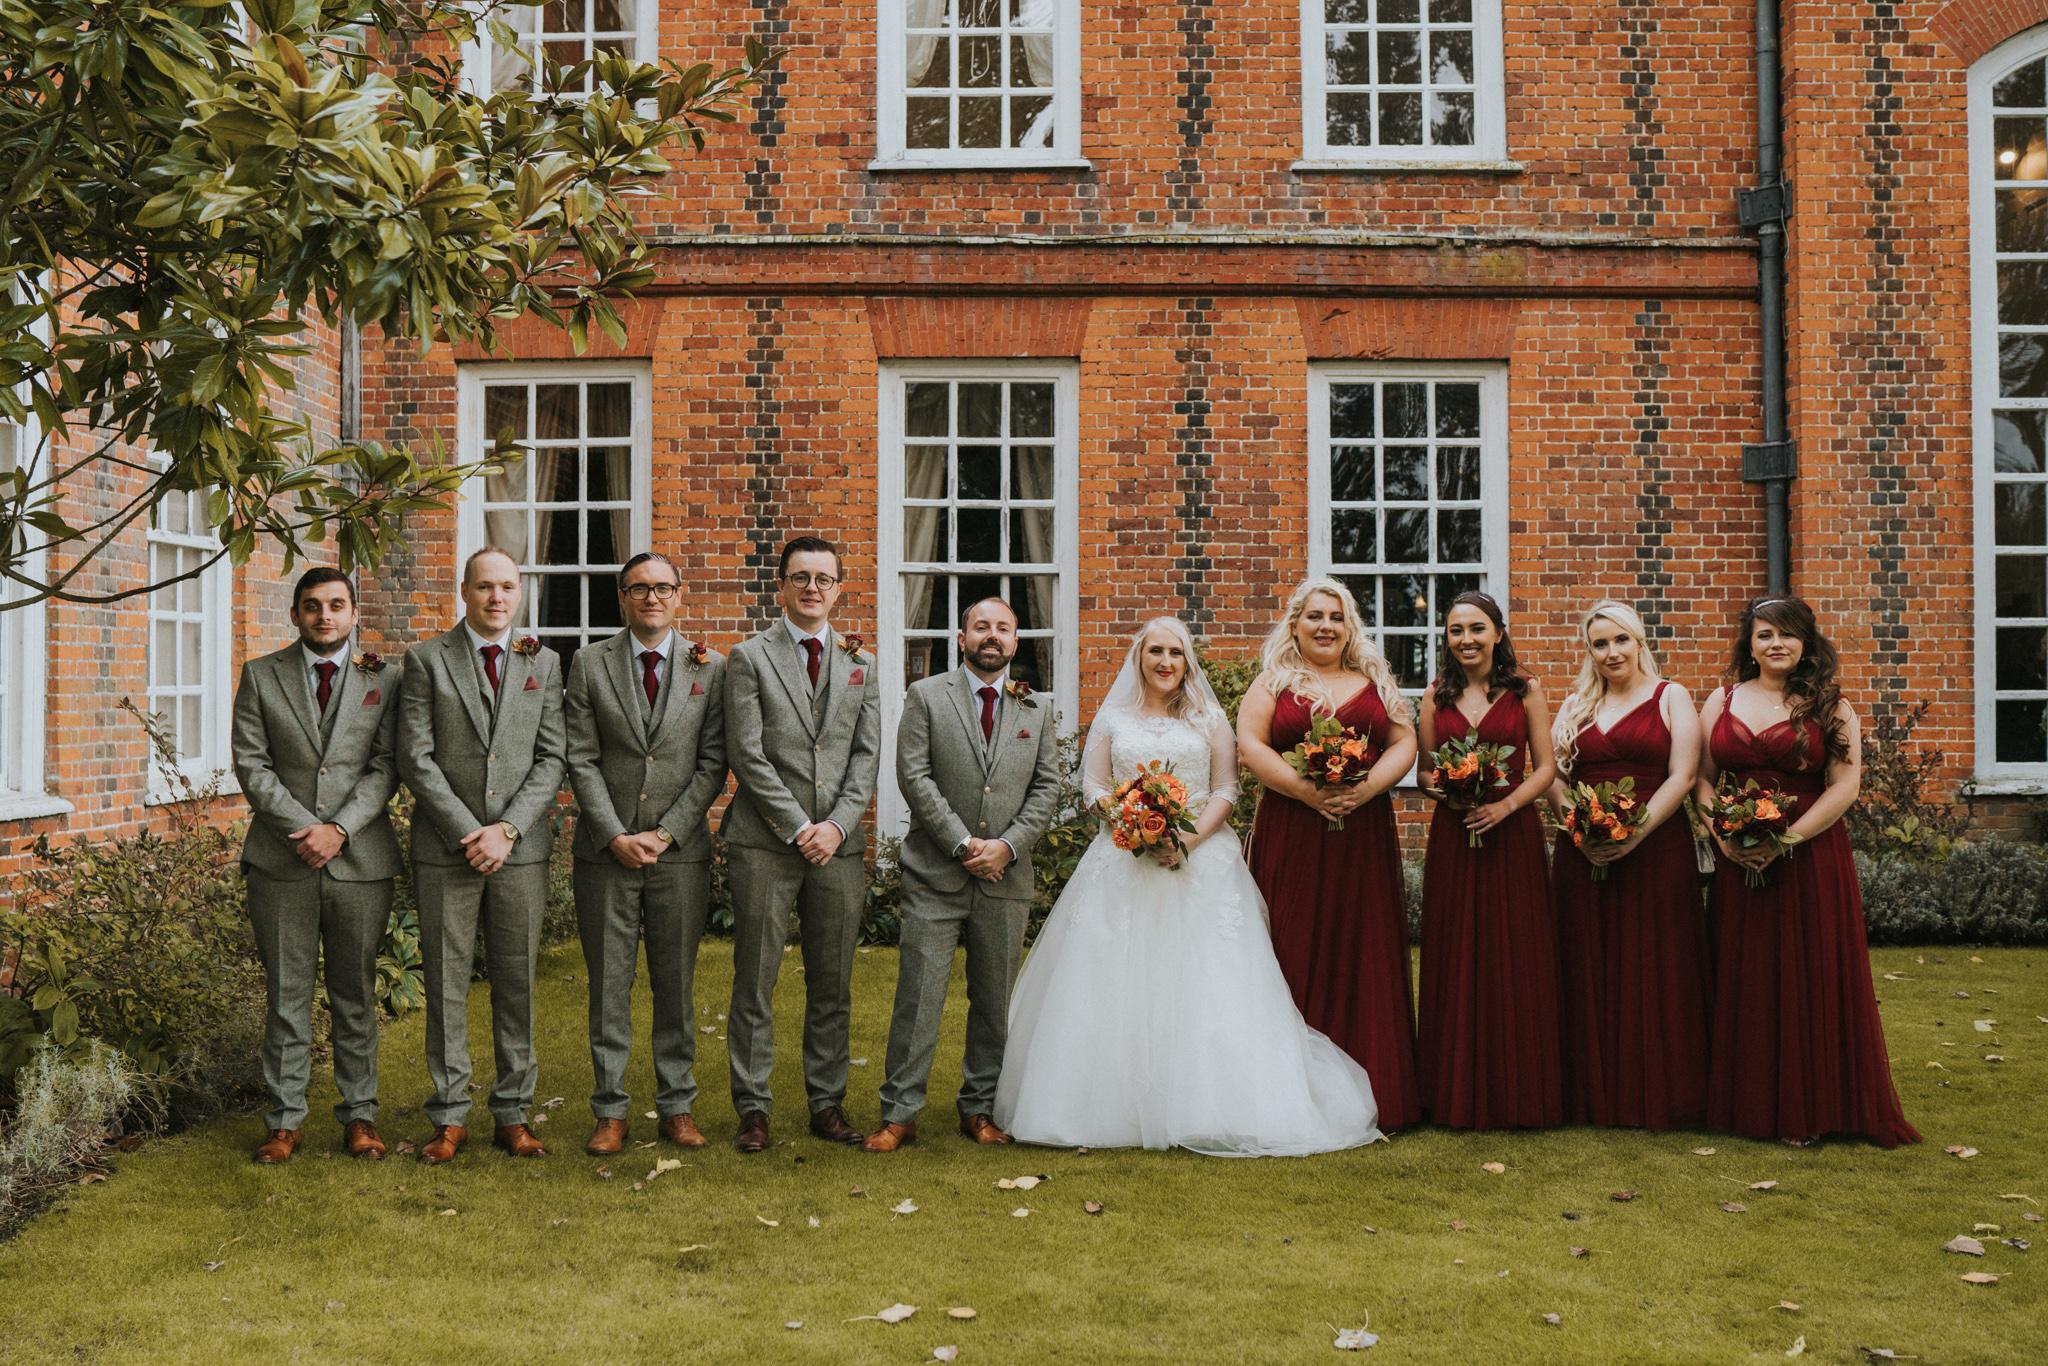 chara-neil-gosfield-hall-wedding-grace-elizabeth-colchester-essex-alternative-wedding-photographer-essex-devon-suffolk-norfolk (42 of 50).jpg